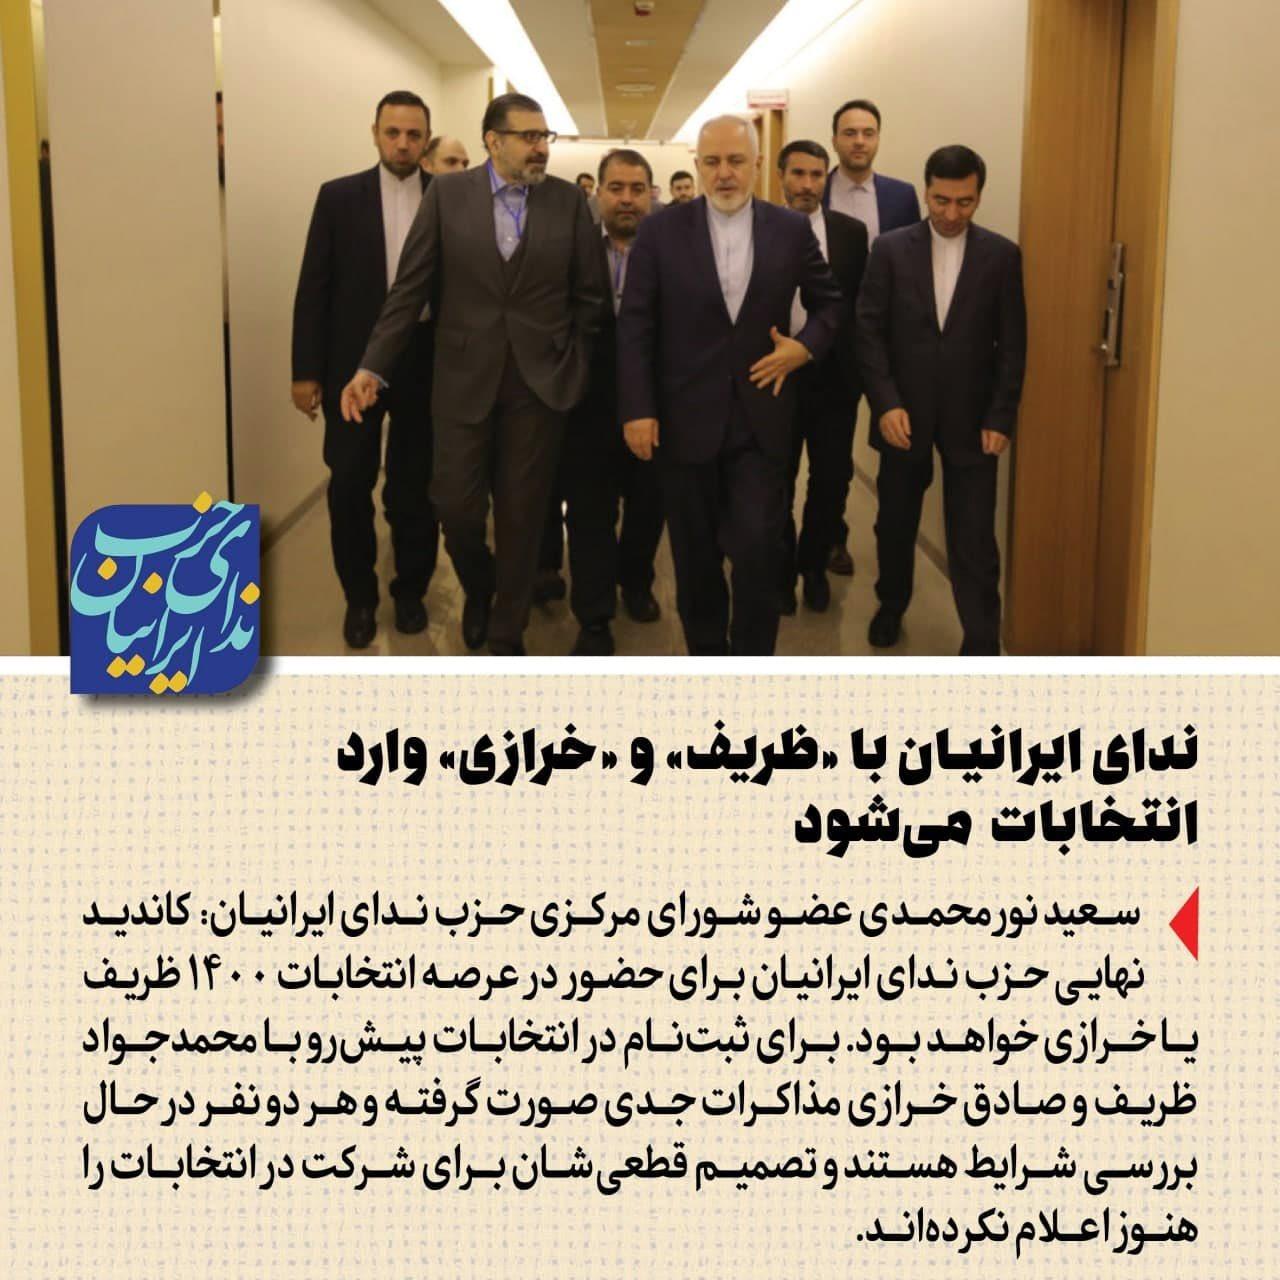 مخالفت صادق خرازی با رهبری خاتمی در اصلاحات/ حزب ندا برای انتخابات به دنبال ظریف و خرازی است